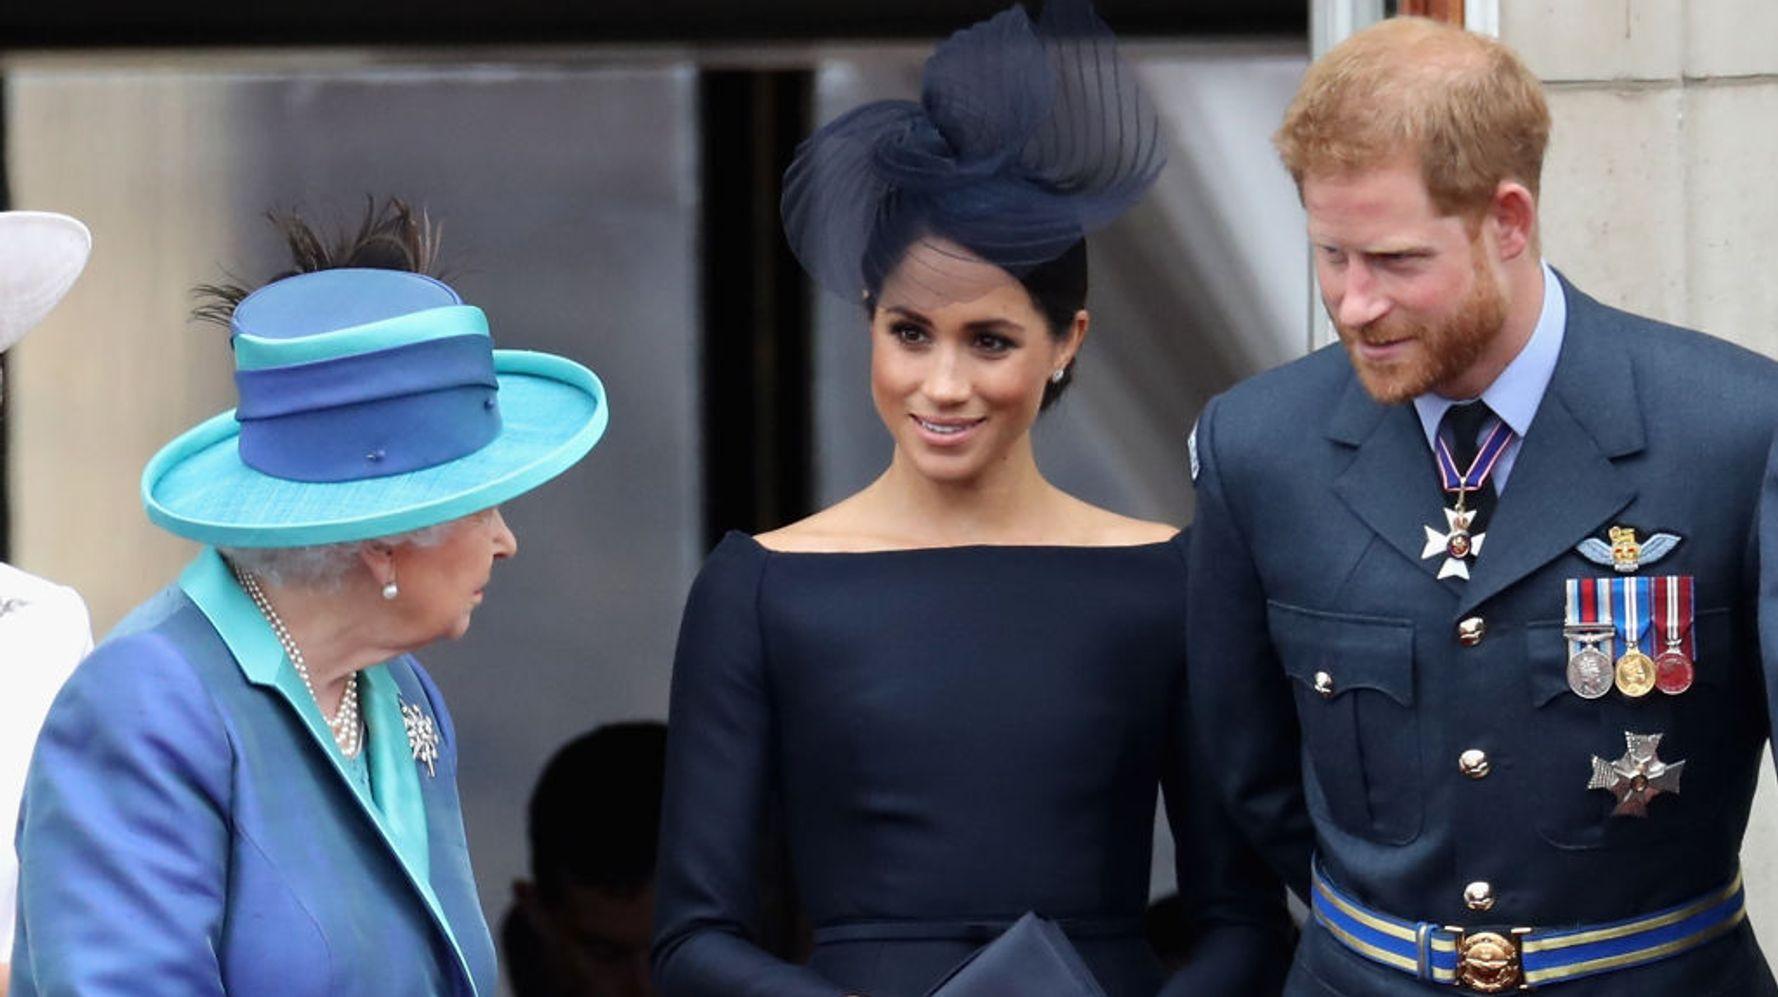 Les funérailles du prince Philip seront-elles un moment de réconciliation pour la famille royale?